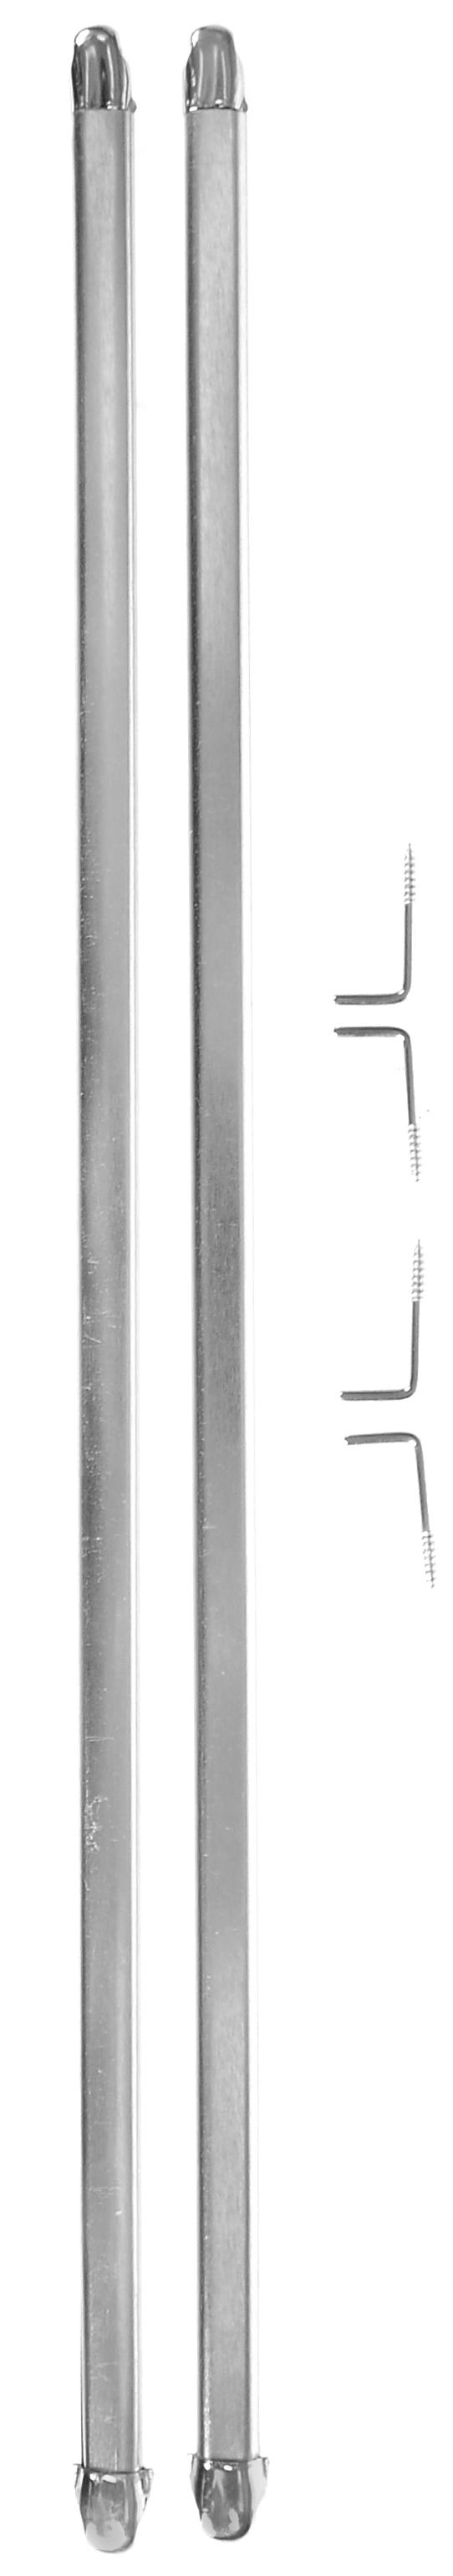 Штанга однорядная Эскар, металлическая, телескопическая, цвет: хром, длина 40-70 см, 2 шт9290000040Витражная штанга Эскар - это не только аксессуар для штор, но и элемент декора. Изделие выполнено из металла. Держатели штанг вкручиваются в раму в предварительно рассверленное отверстие.В комплект входят: 2 штанги, 4 крючка для крепления.Оригинальная и стильная штанга дополнит интерьер любой комнаты. Длина карниза: 40-70 см.